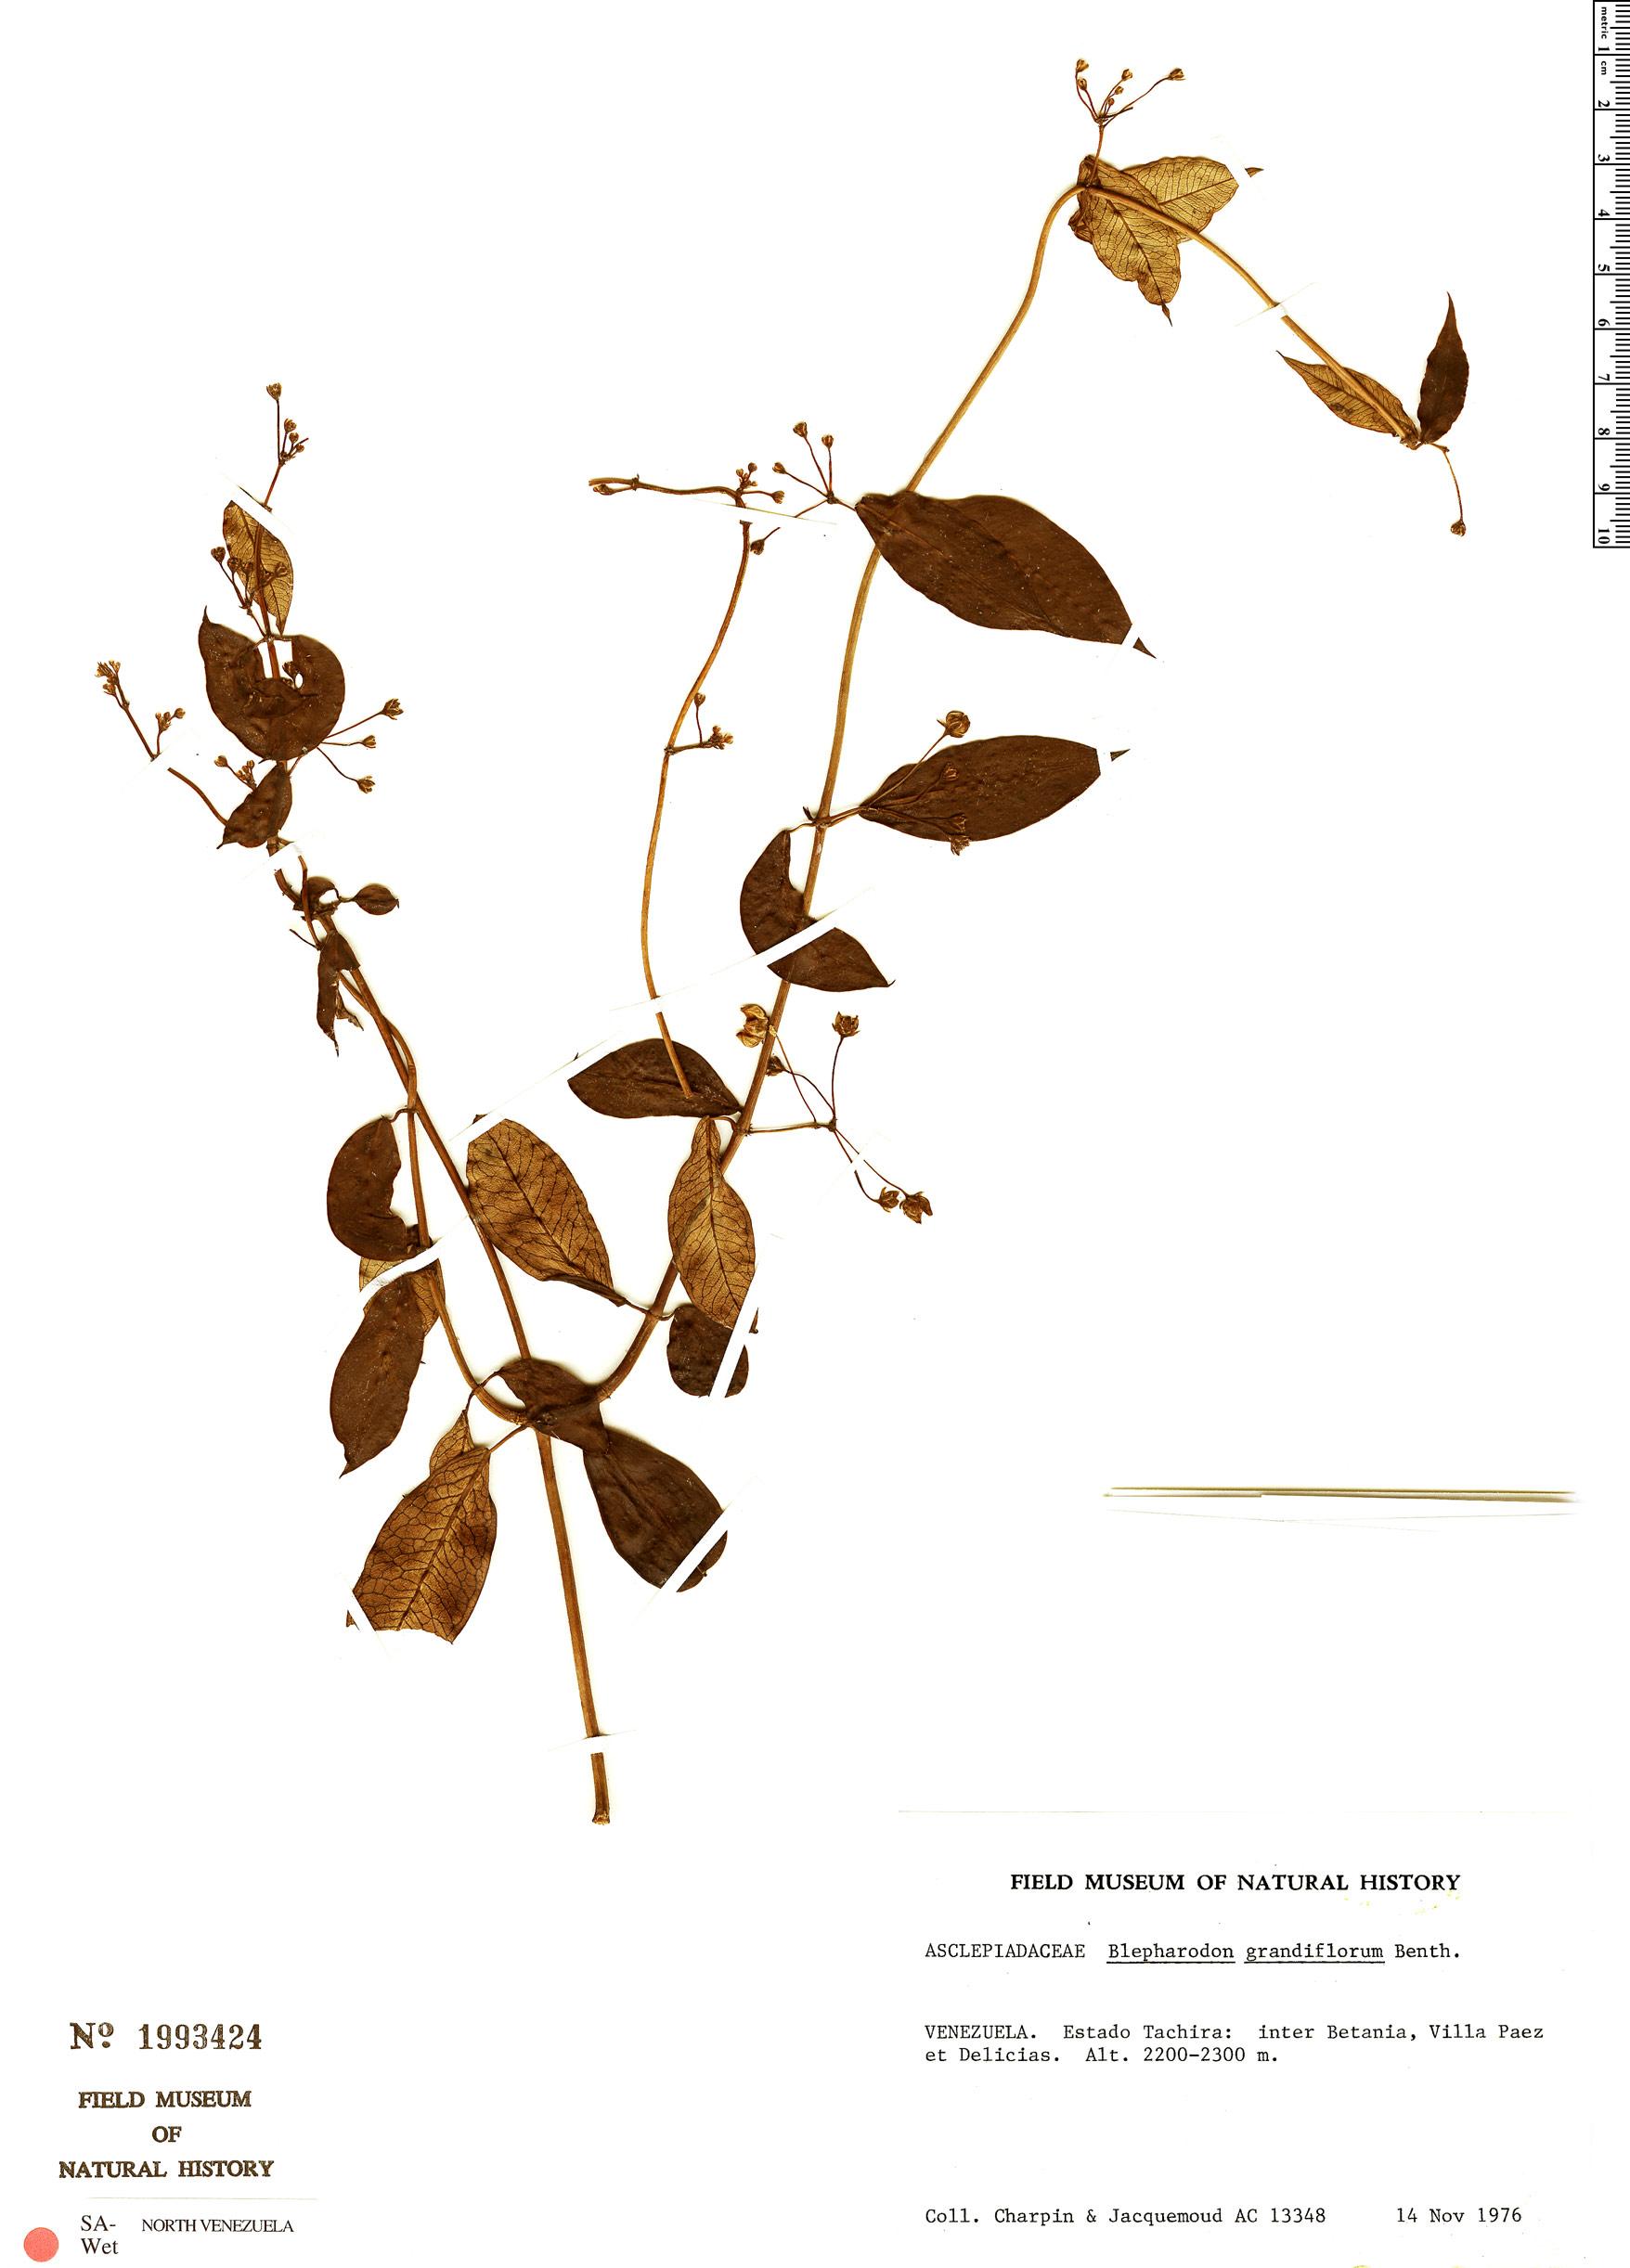 Specimen: Blepharodon grandiflorum